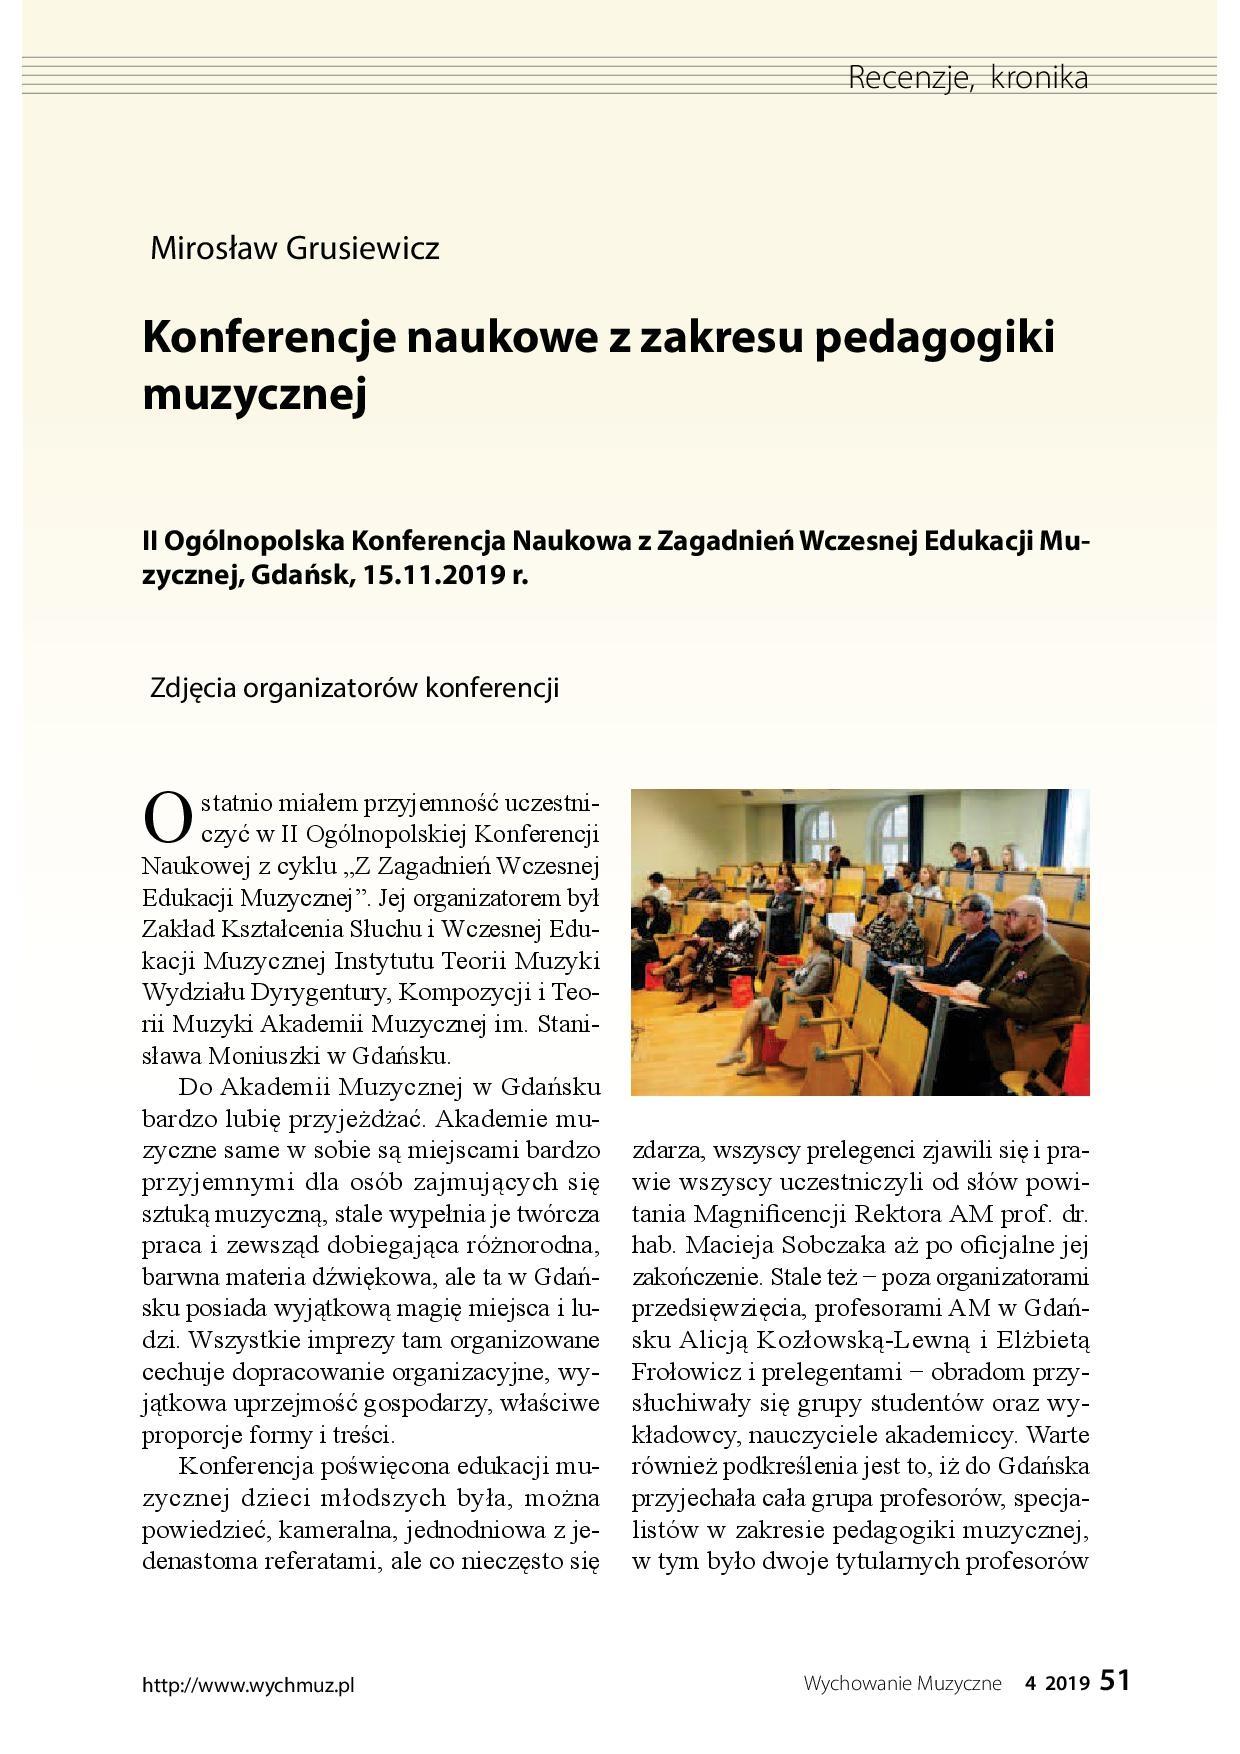 Konferencje naukowe z zakresu pedagogiki muzycznej